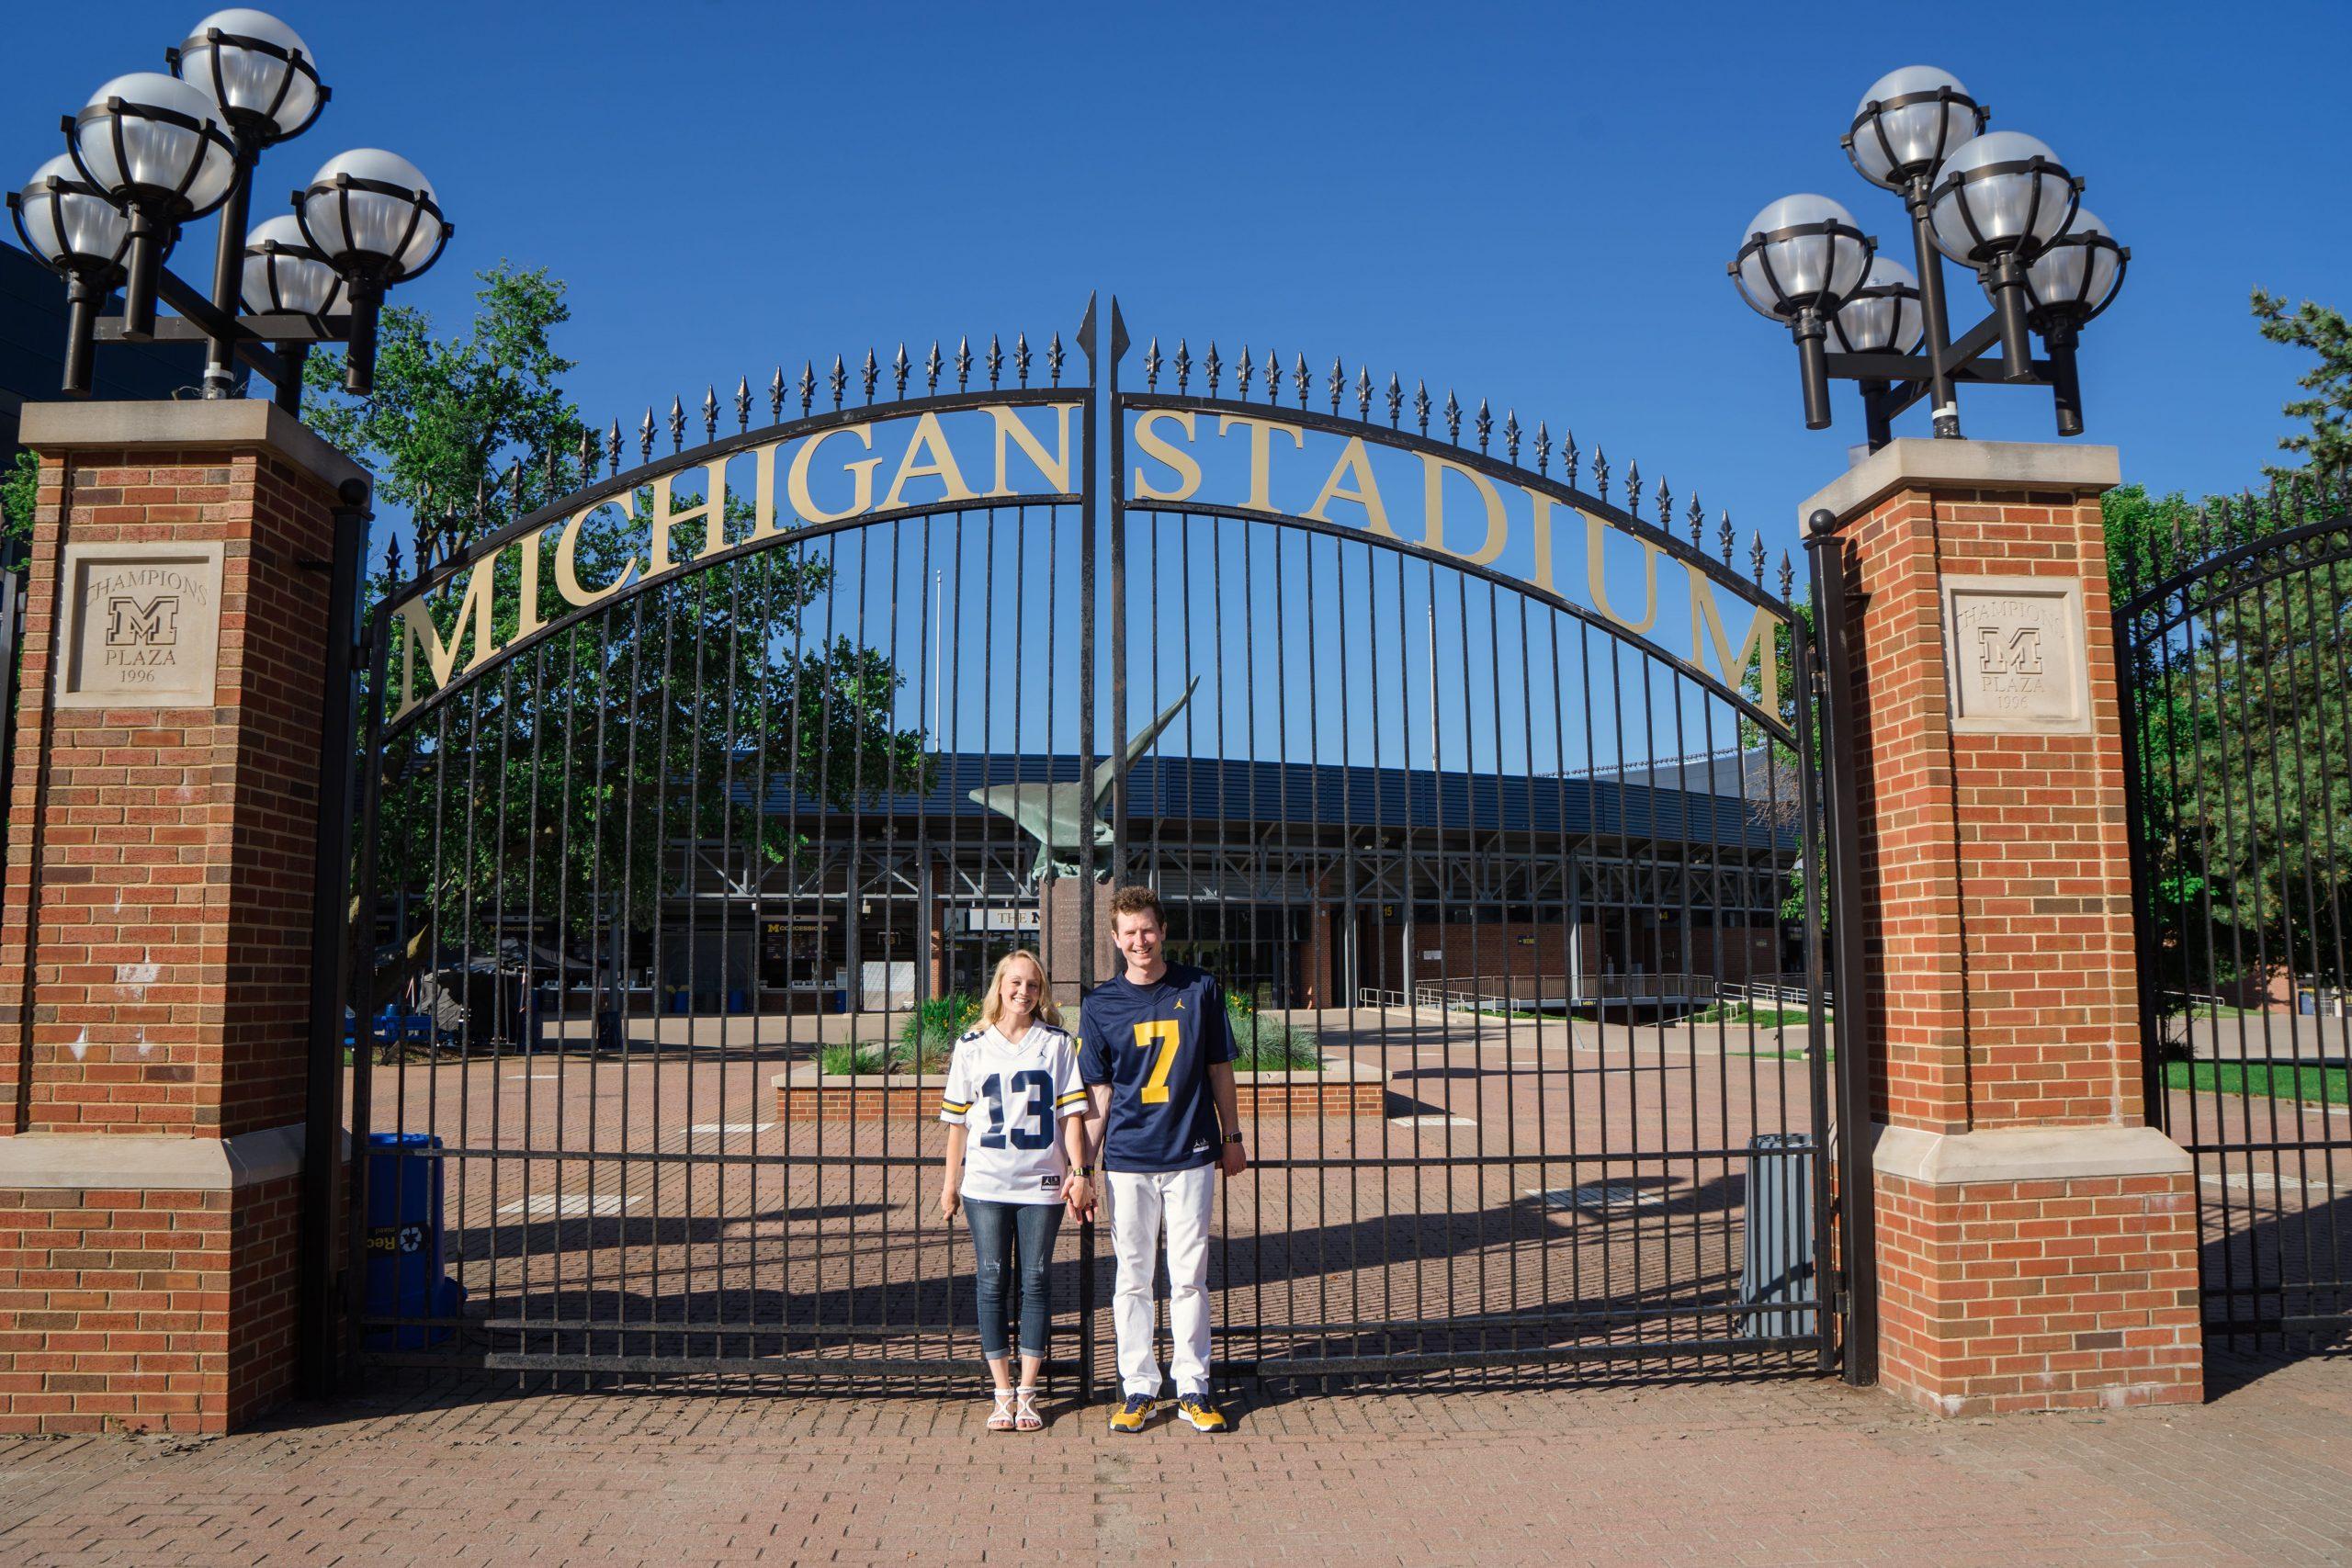 engagement photo Michigan stadium